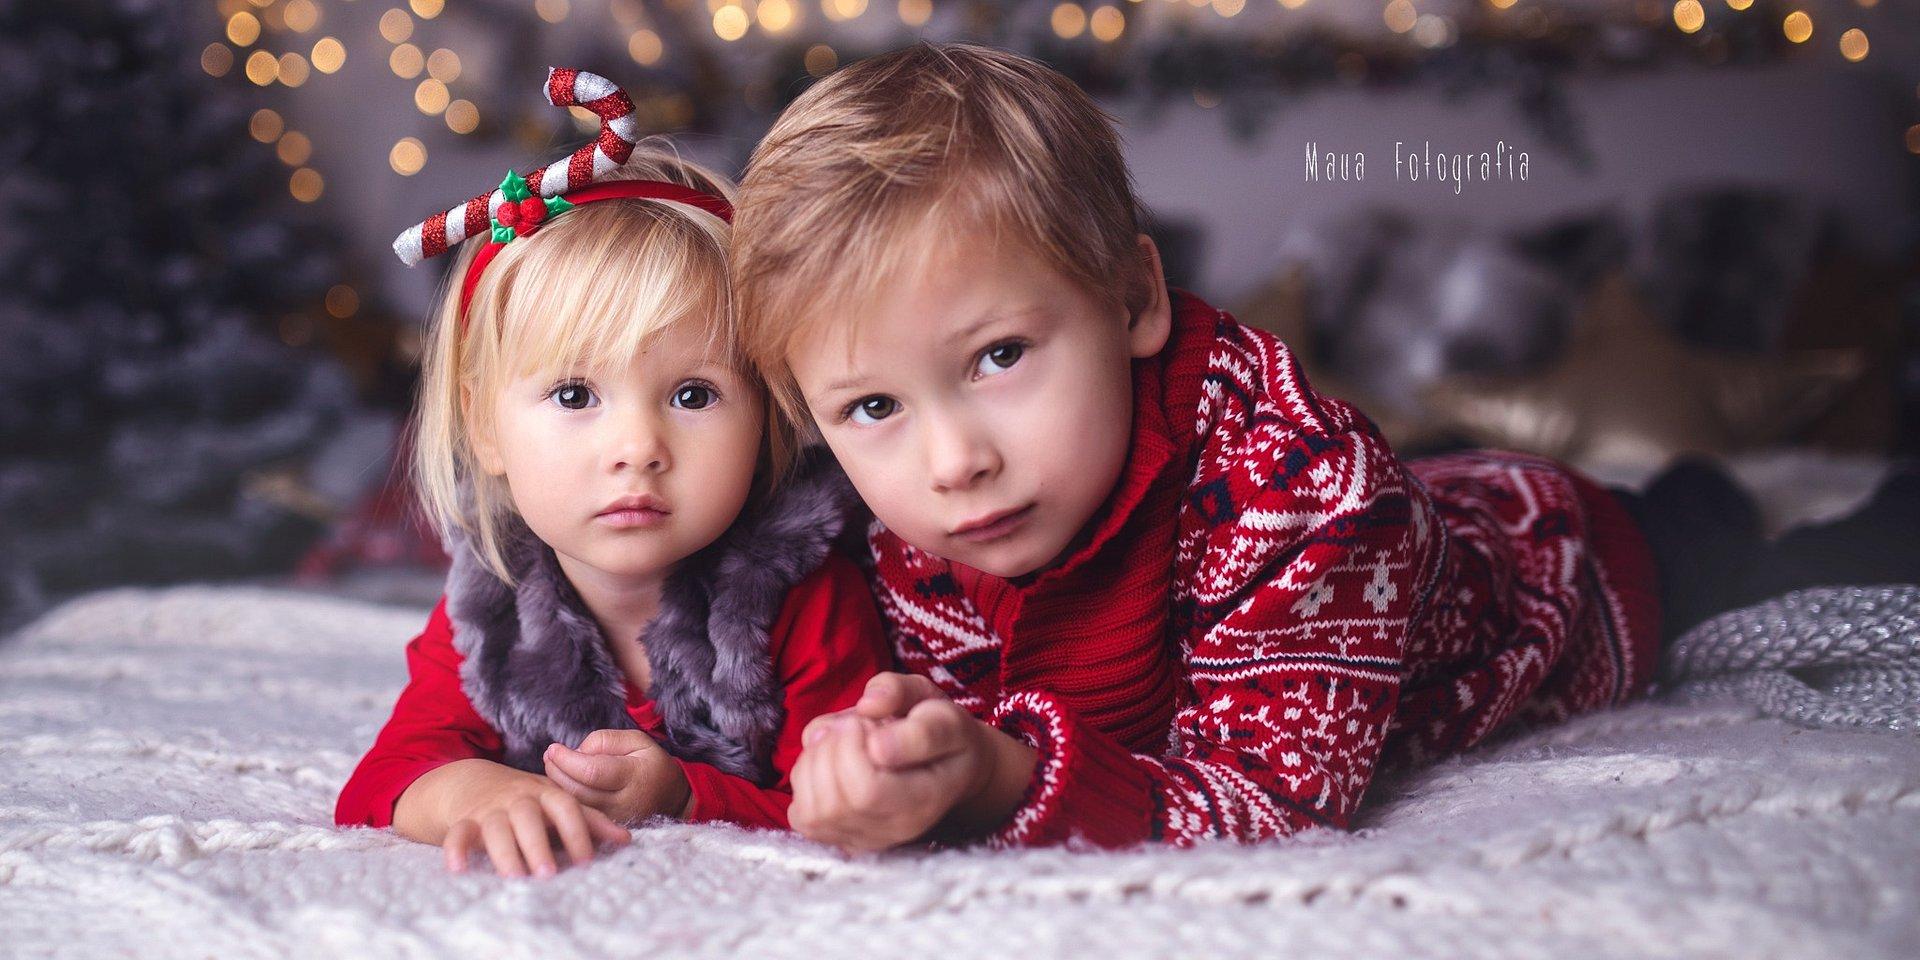 Świąteczna fotografia rodzinna w obiektywie Sigma 35mm F1.4 ART według Maua Fotografia